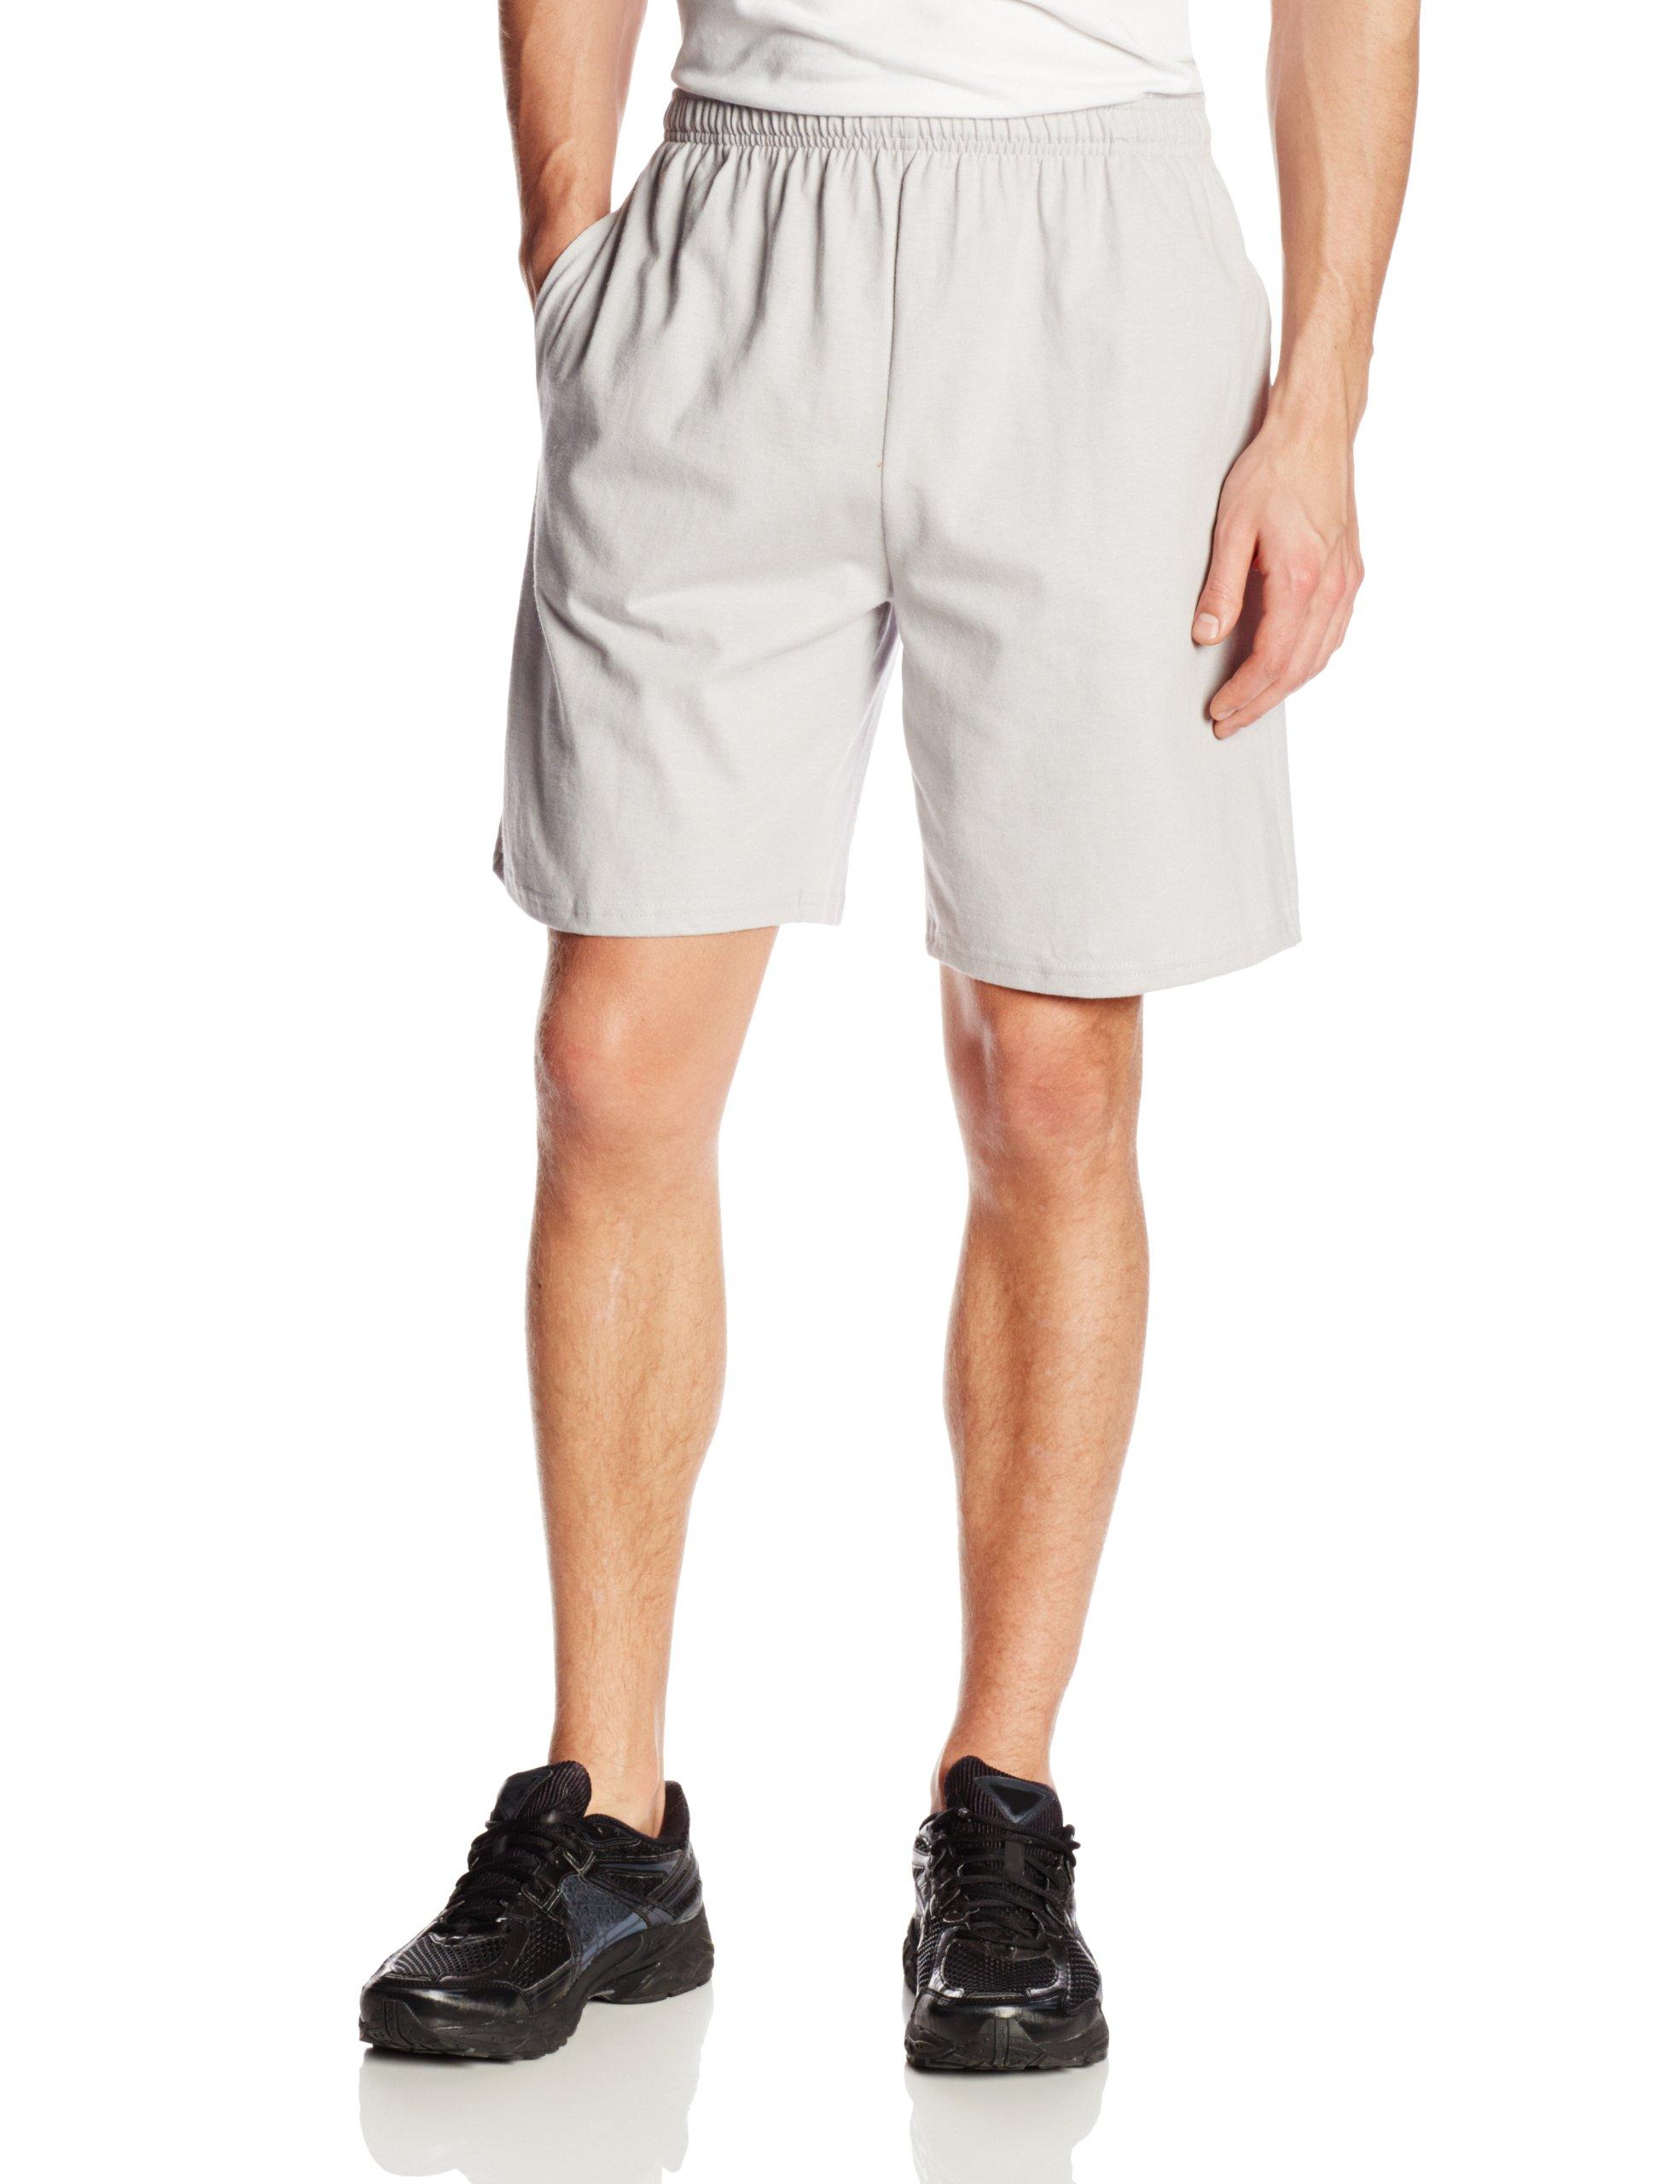 Soffe Men's Classic Cotton Pocket Short Light Grey Medium